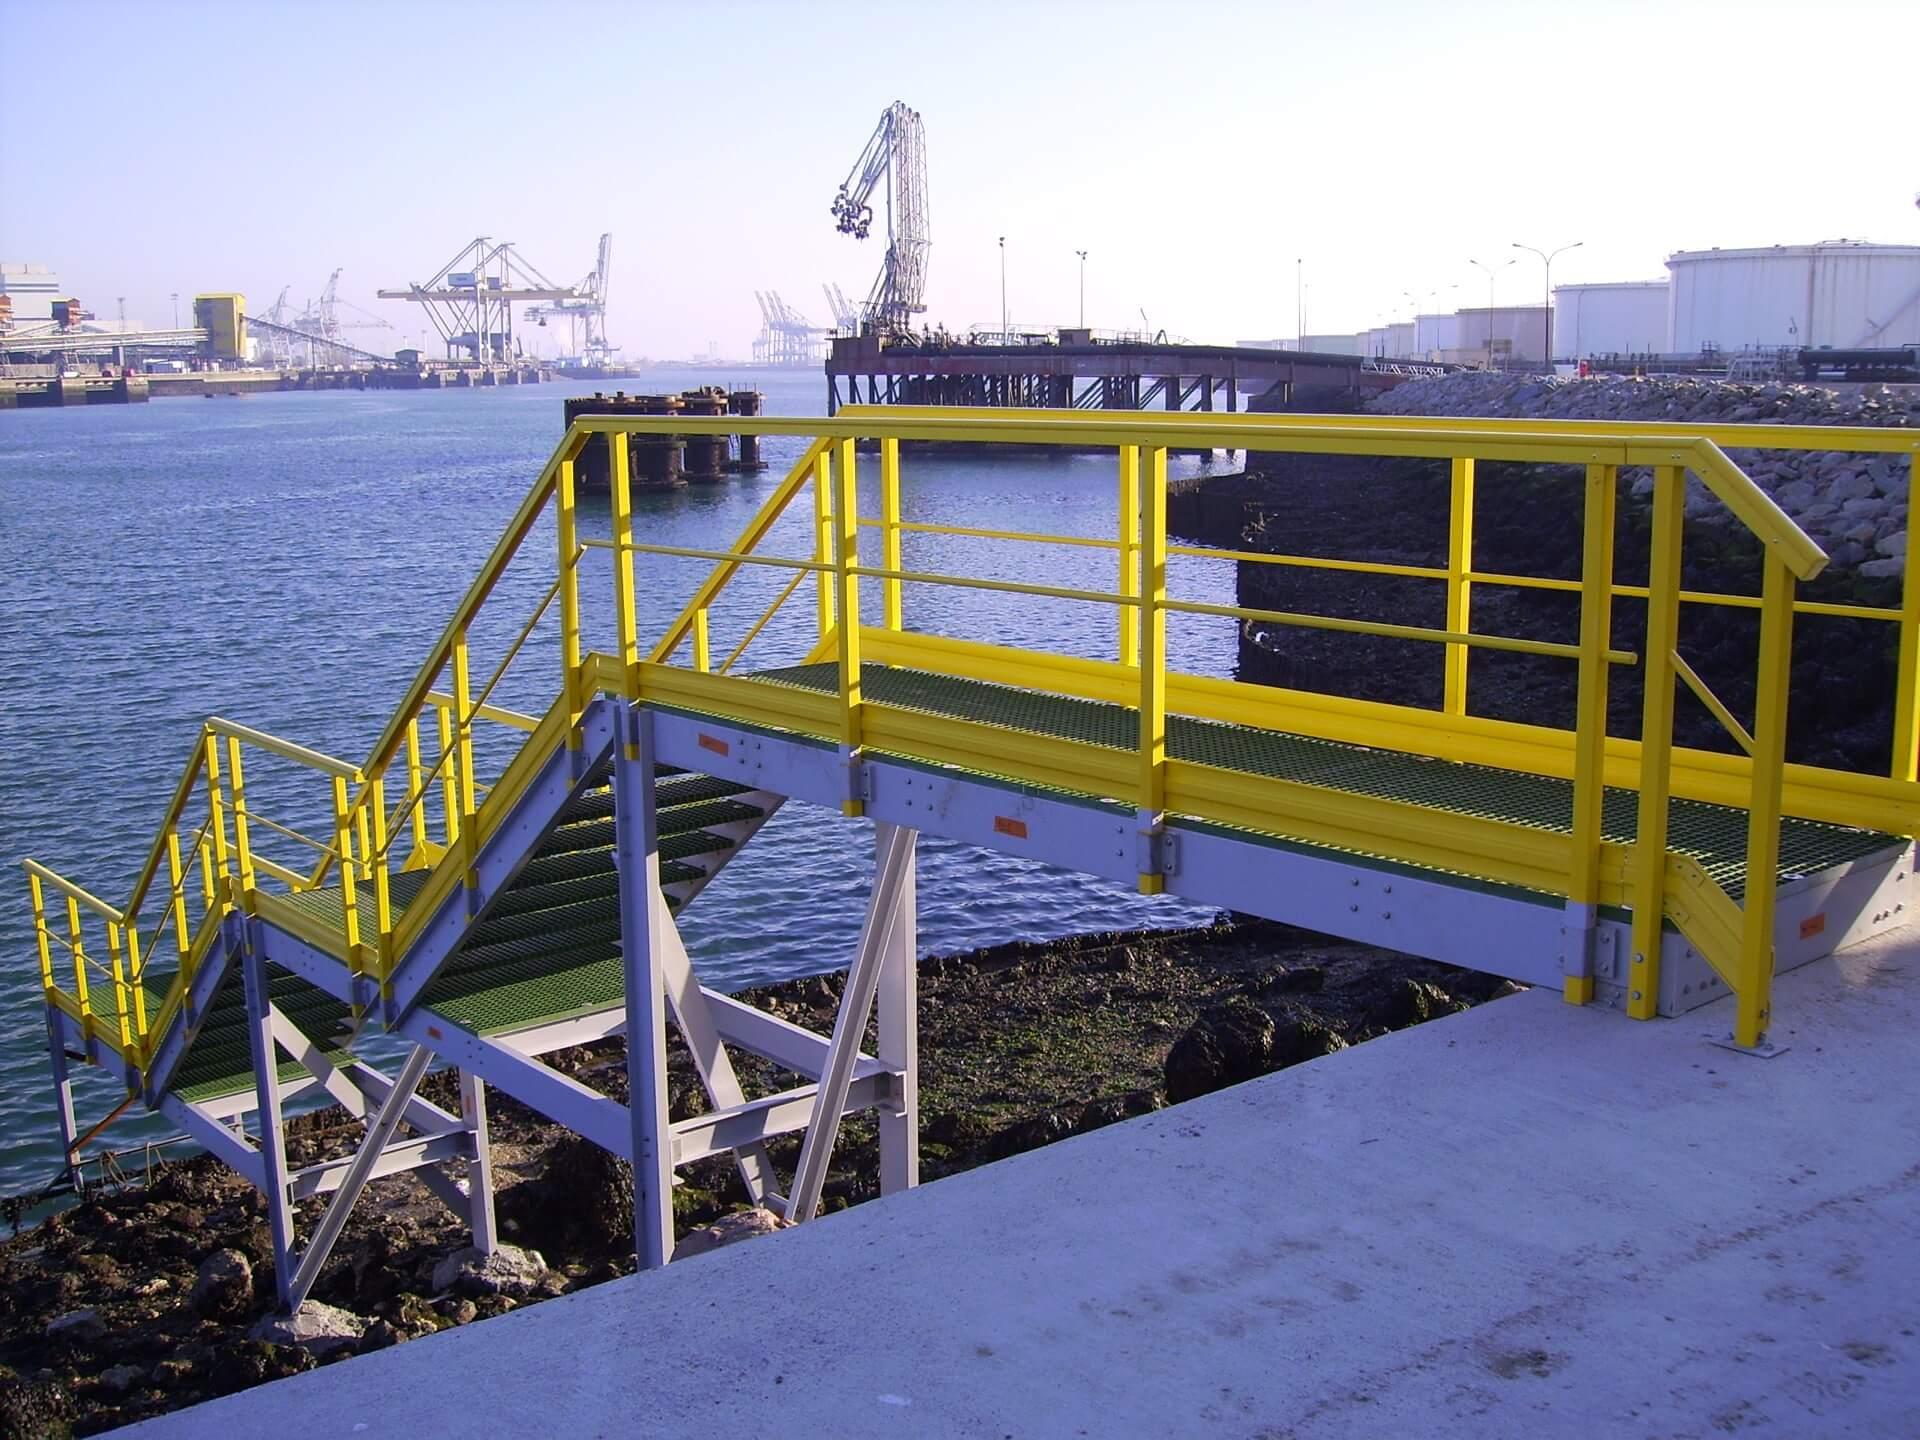 escalier d'accès composite au havre